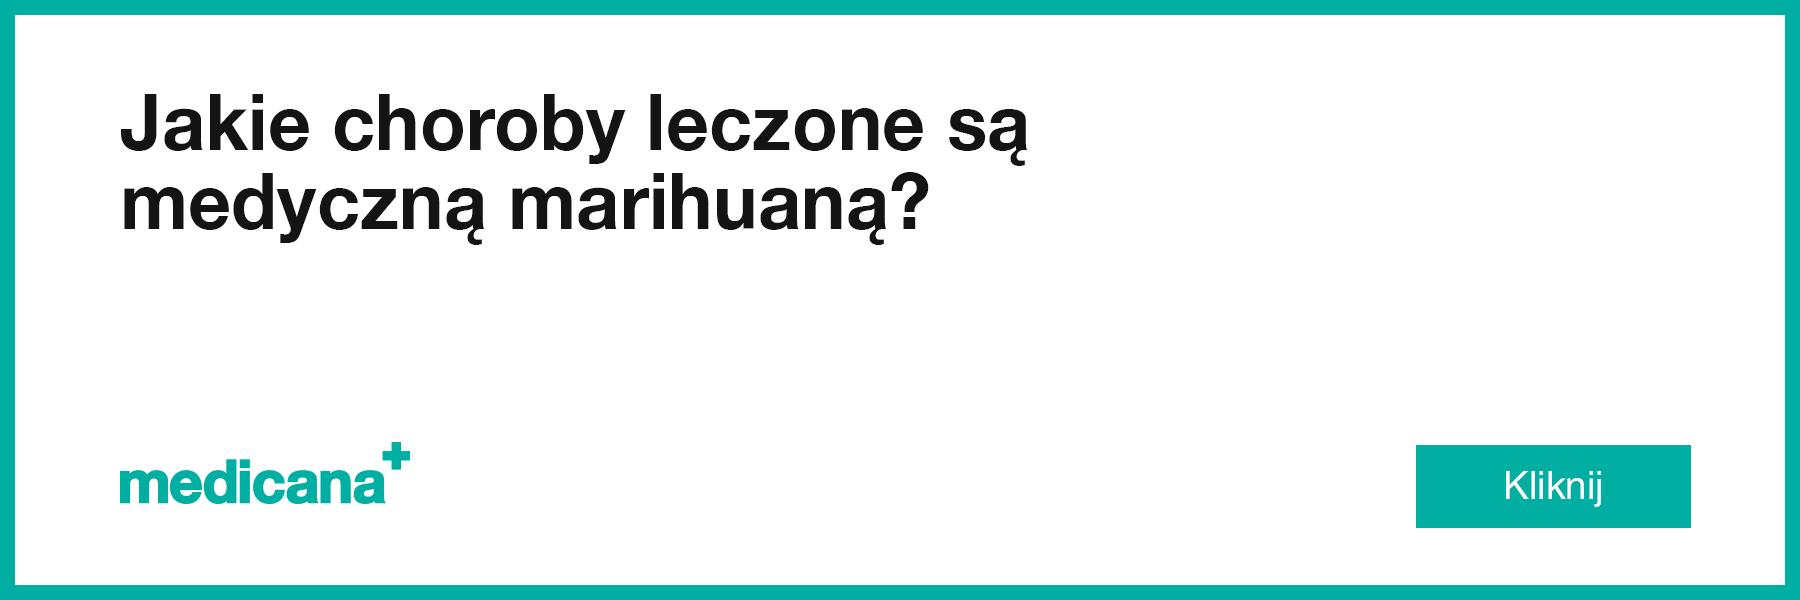 Cannabis Sativa L Red No 2 Spectrum Cannabis Cena I Dostepnosc W Aptekach W Calym Kraju Gdzie Po Lek